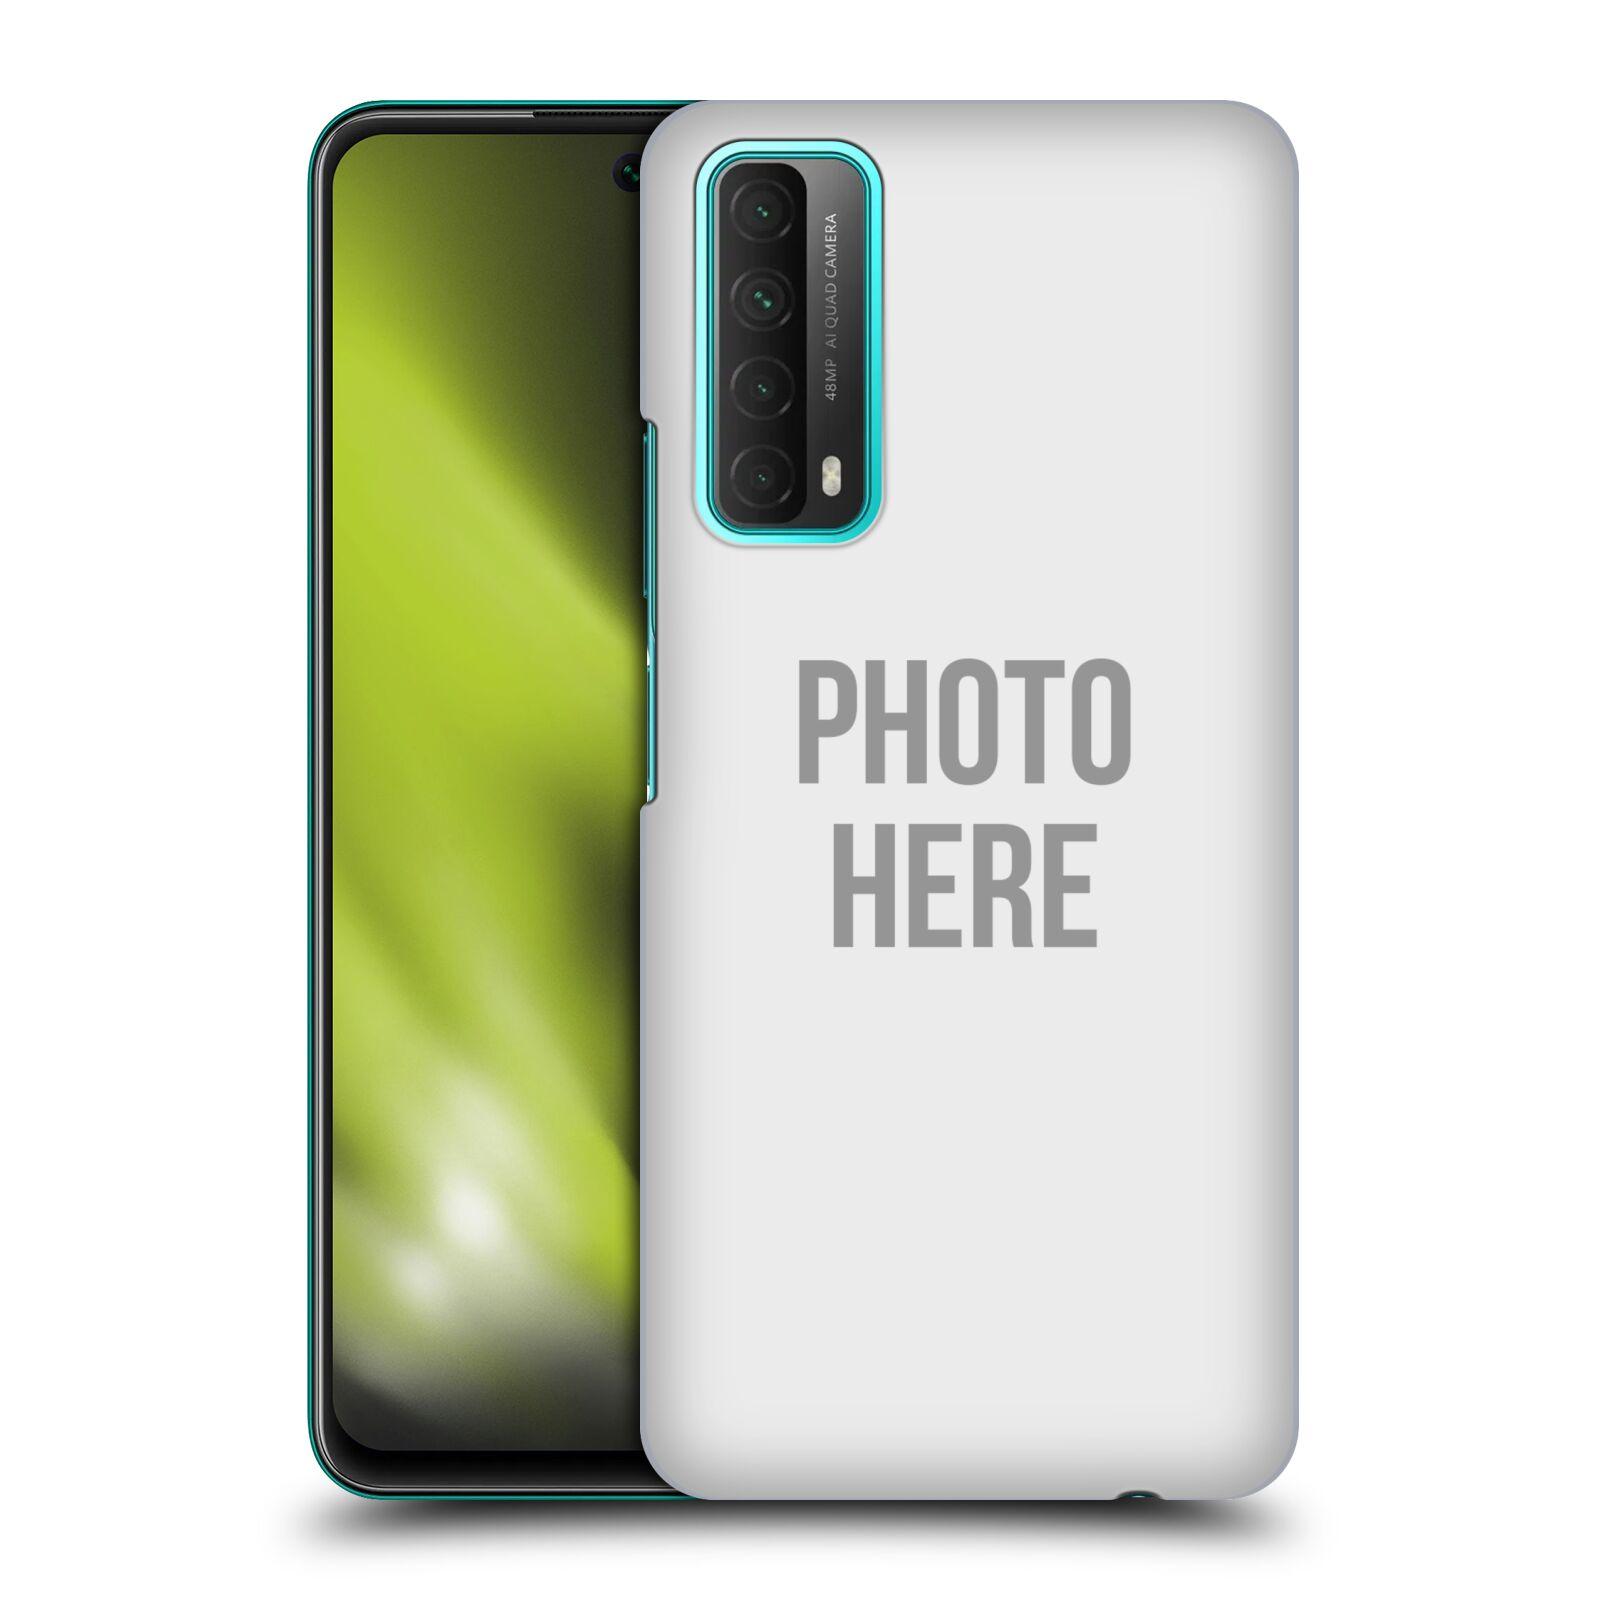 Plastové pouzdro na mobil Huawei P Smart (2021) s vlastním motivem